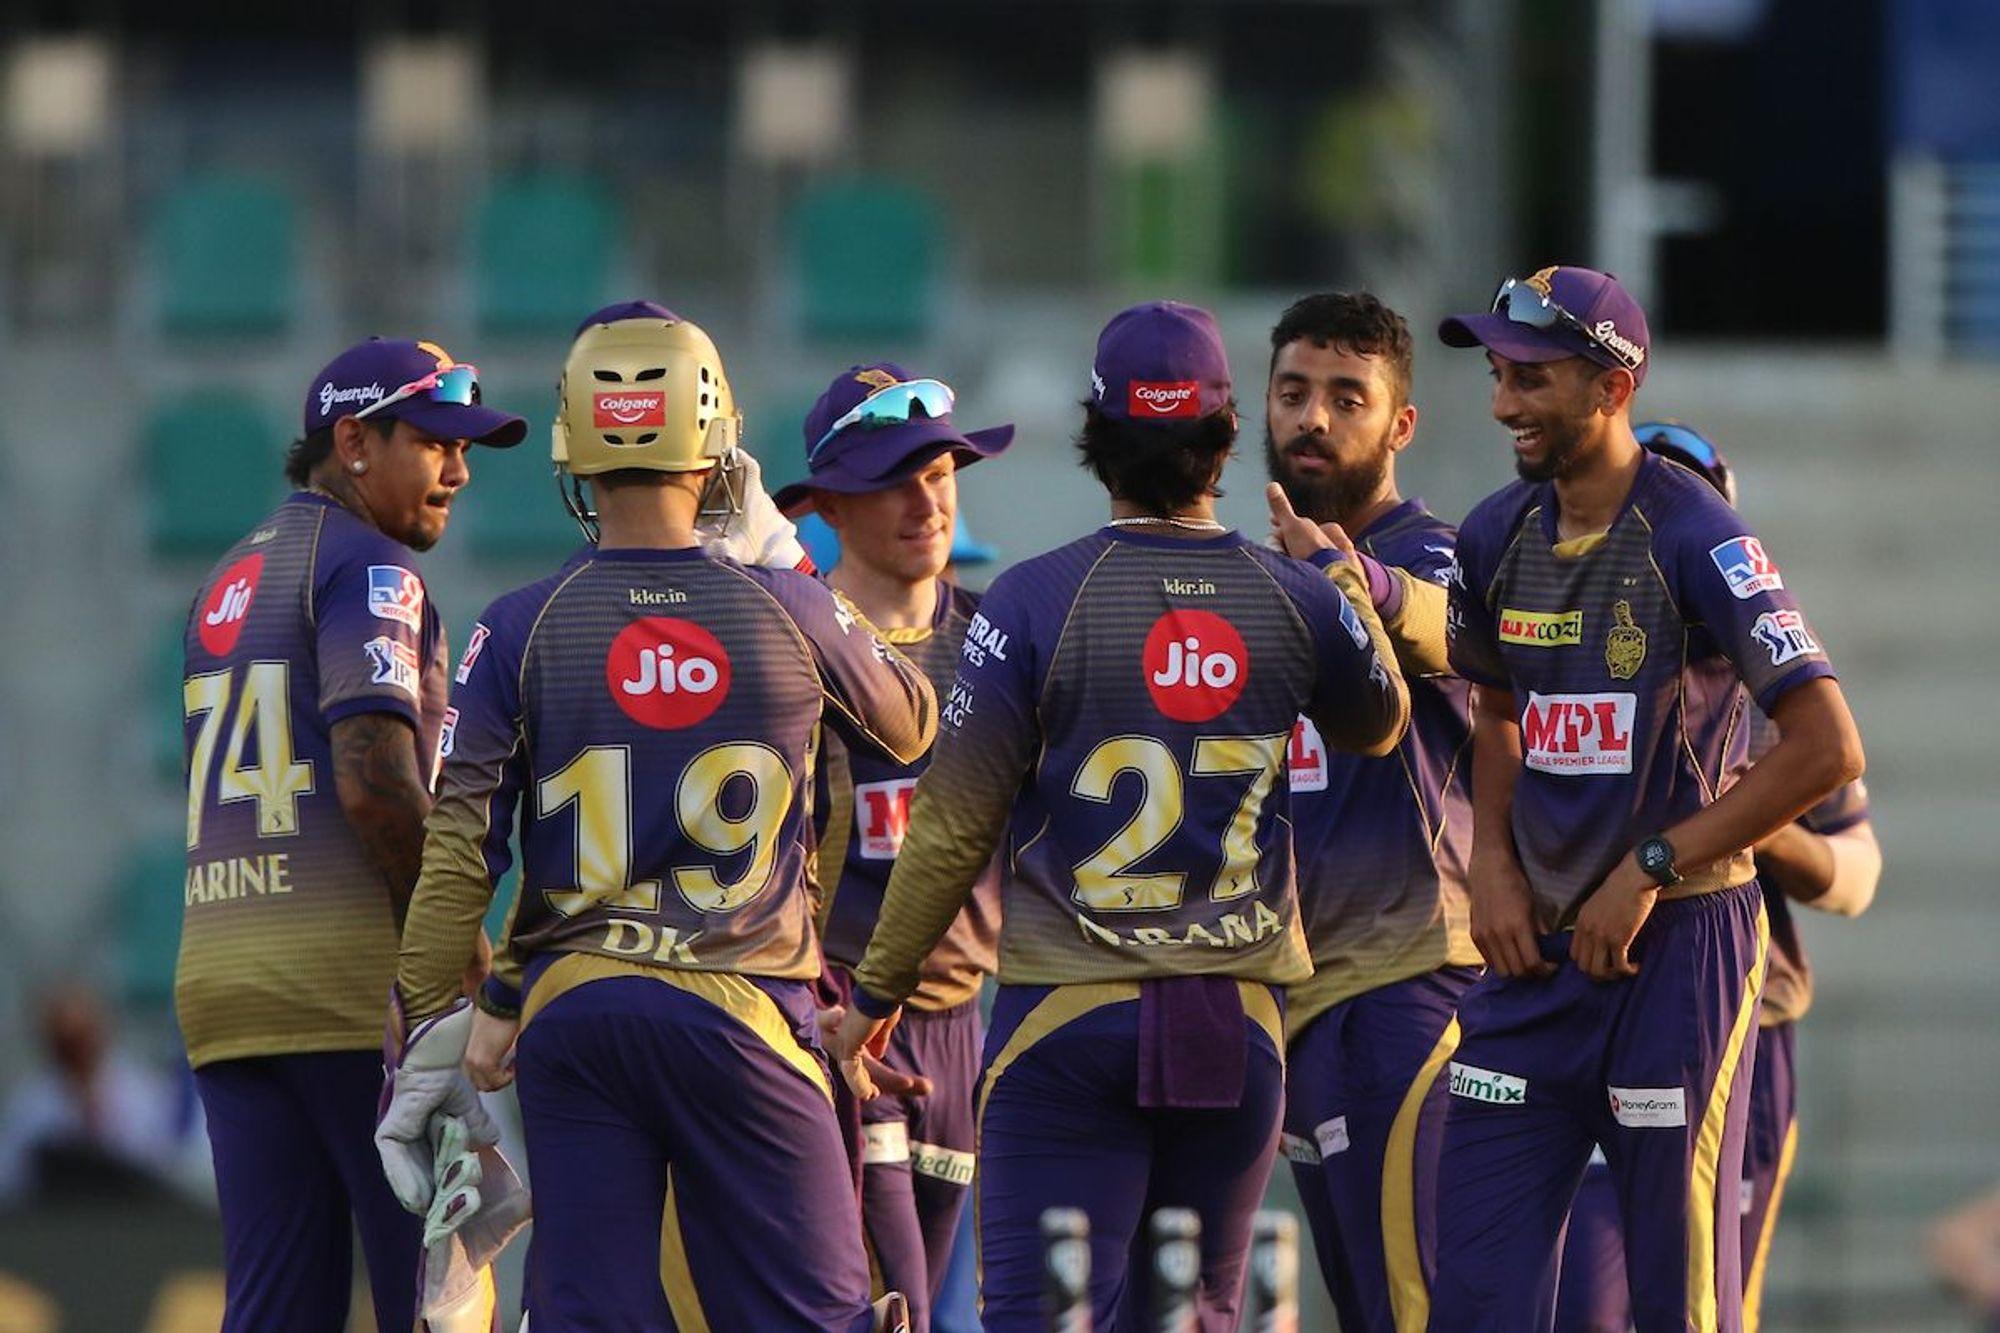 IPL 2021: जीत की राह पर लौटने के लिए कोलकता की टीम को करने पड़ेंगे यह 3 बड़े बदलाव 1